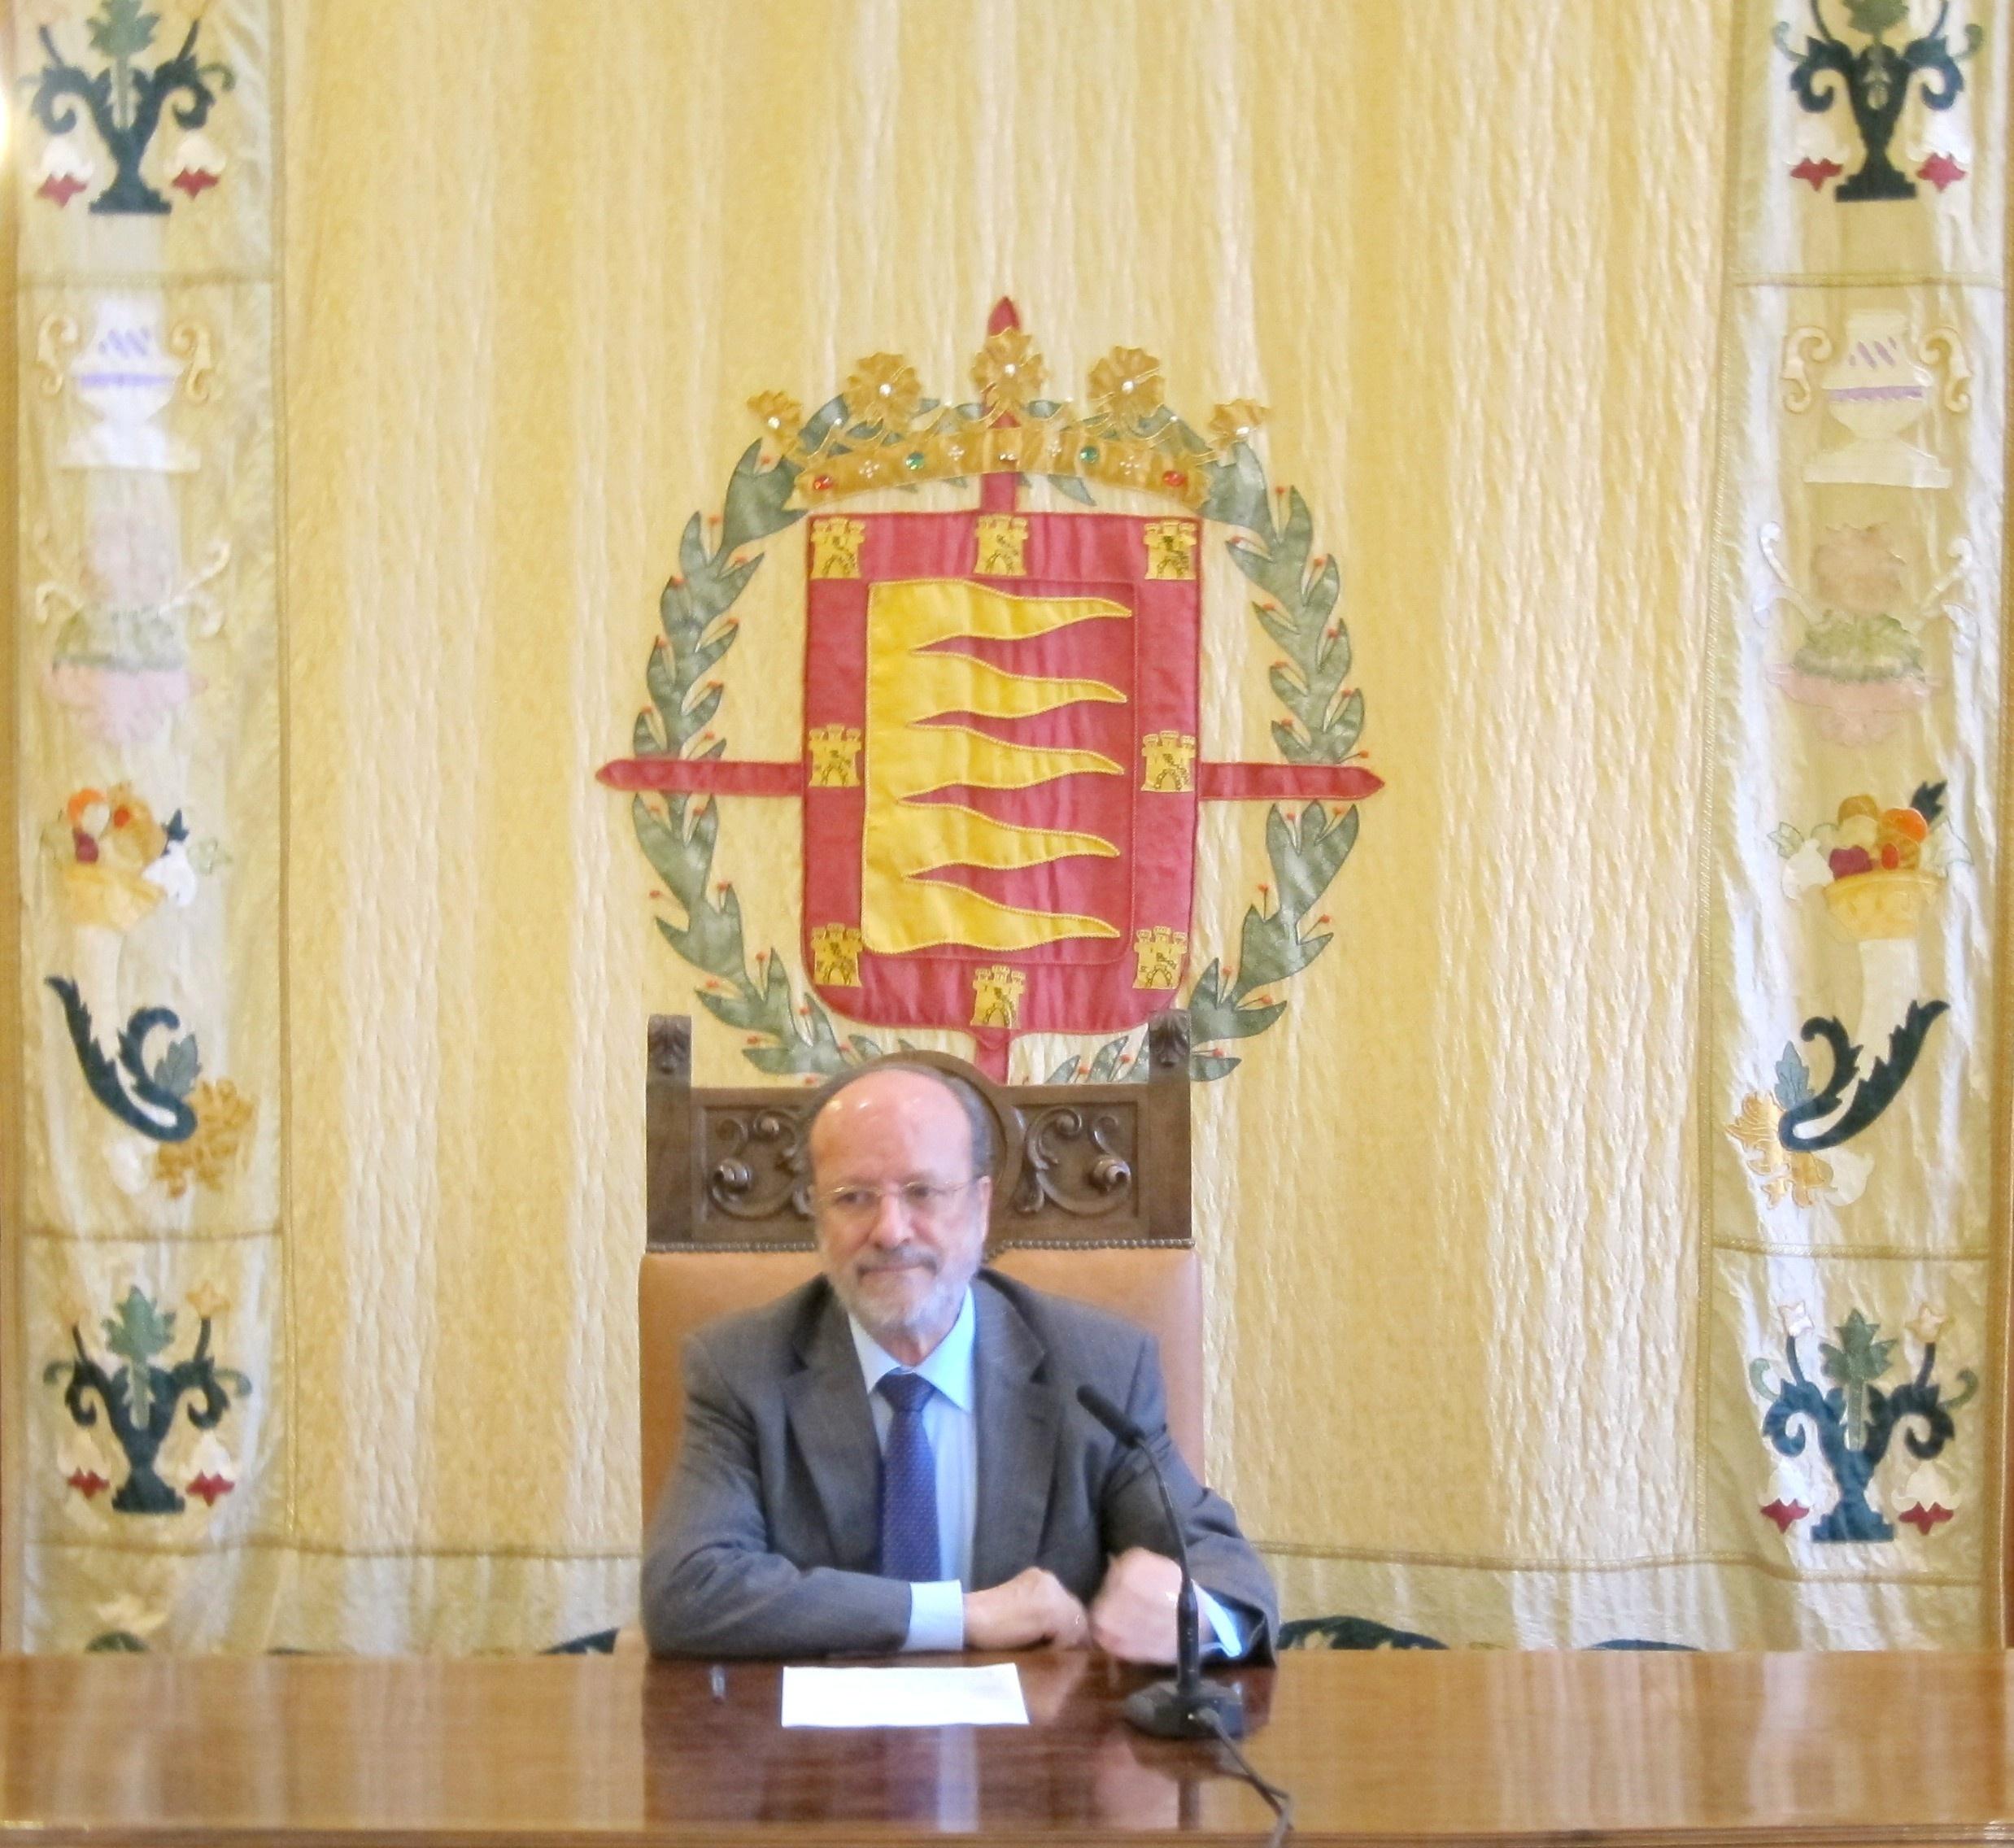 El alcalde de Valladolid defiende sancionar la mendicidad agresiva